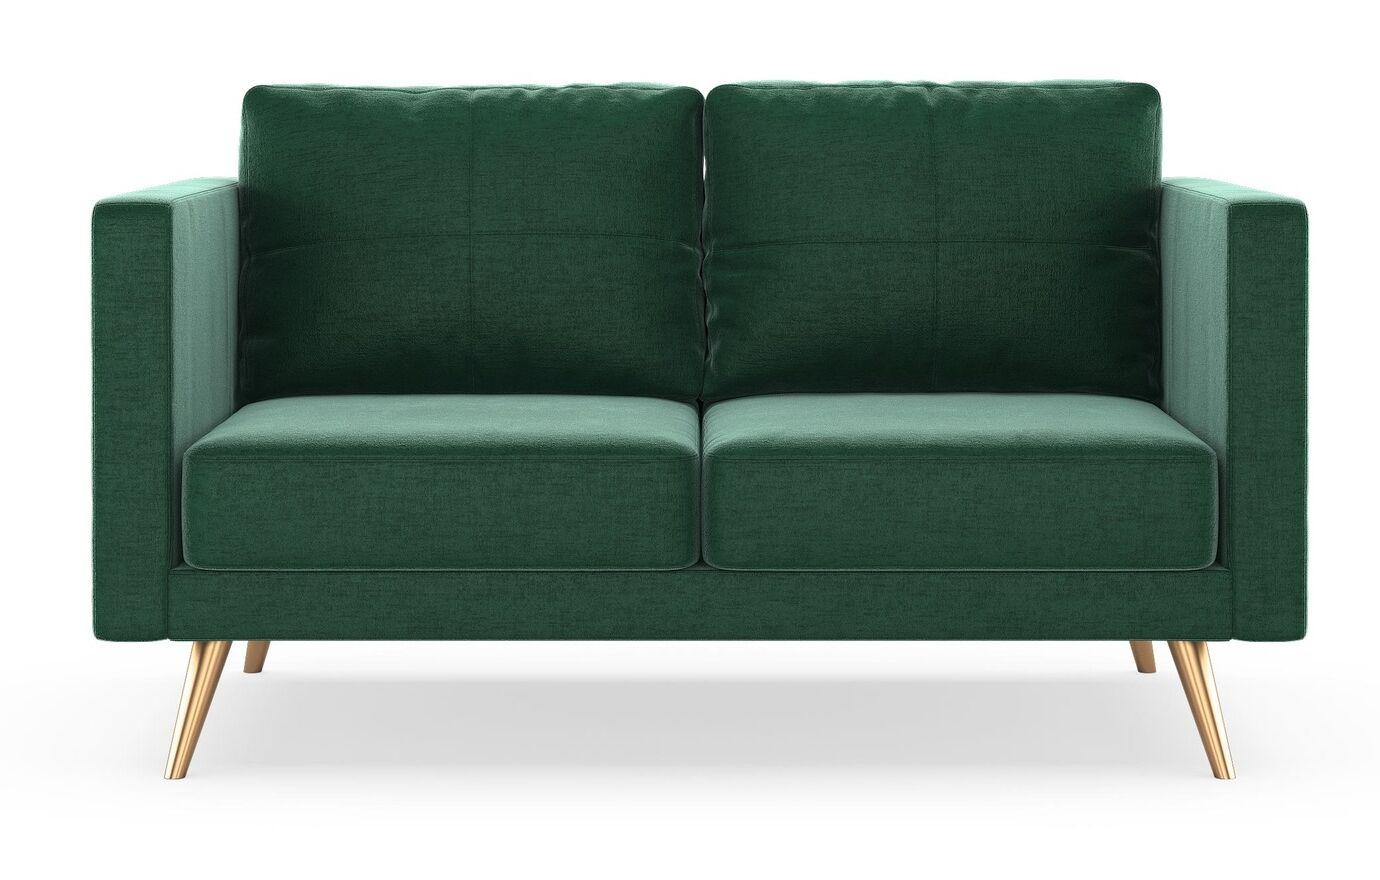 Rundell Loveseat Finish: Chrome, Upholstery: Steel Blue